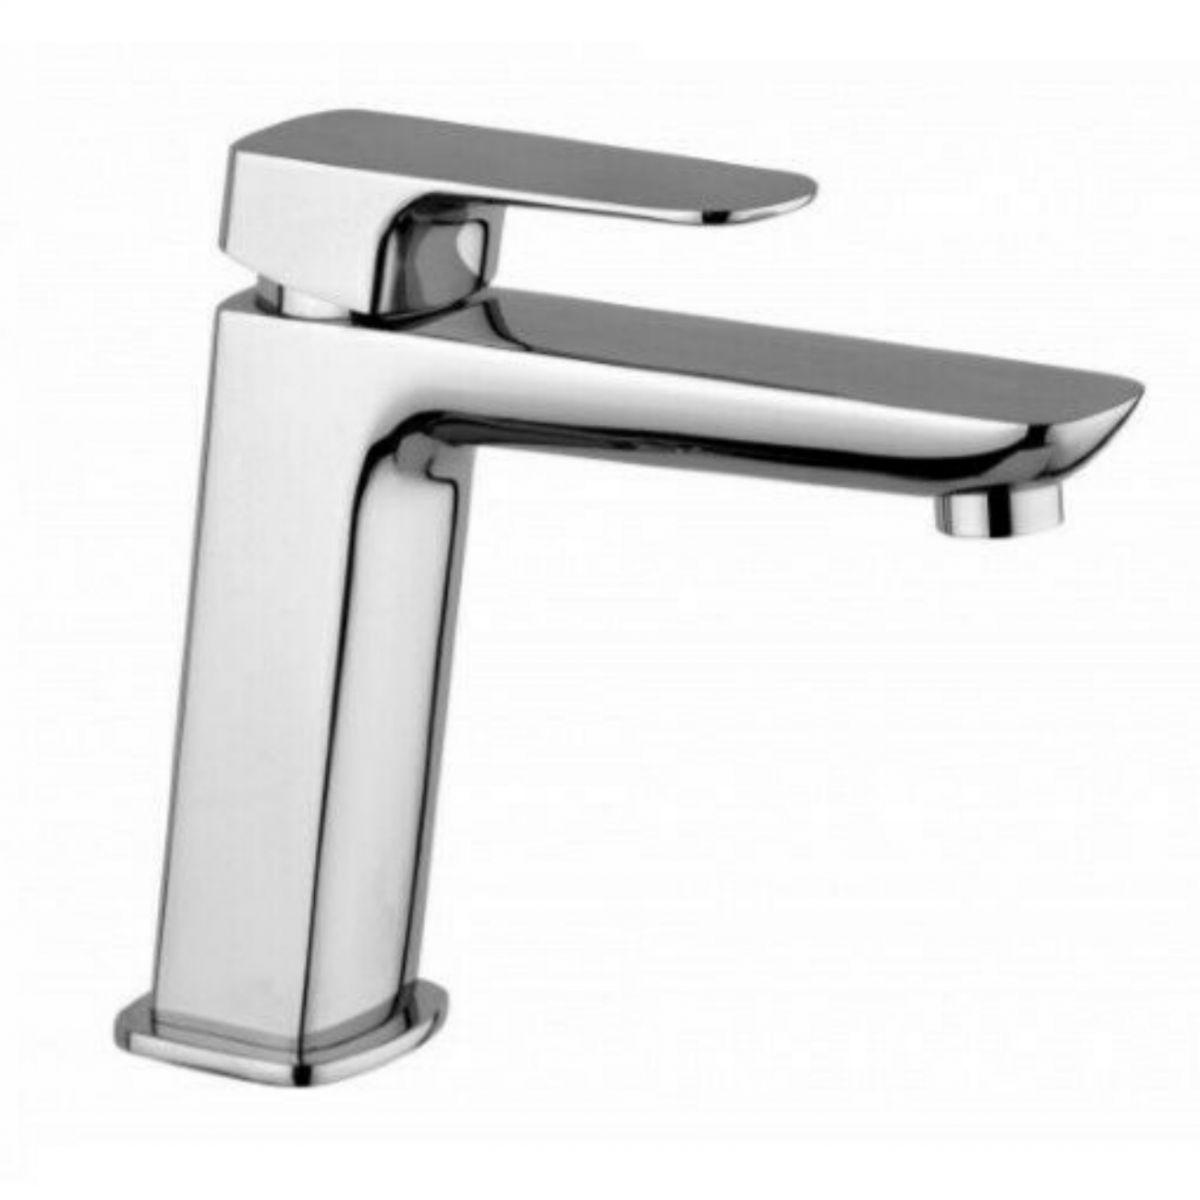 """Miscelatore lavabo Paini Nove extra big 699 254 Miscelatore Lavabo """"Nove"""" con piletta di scarico click clack by Paini"""